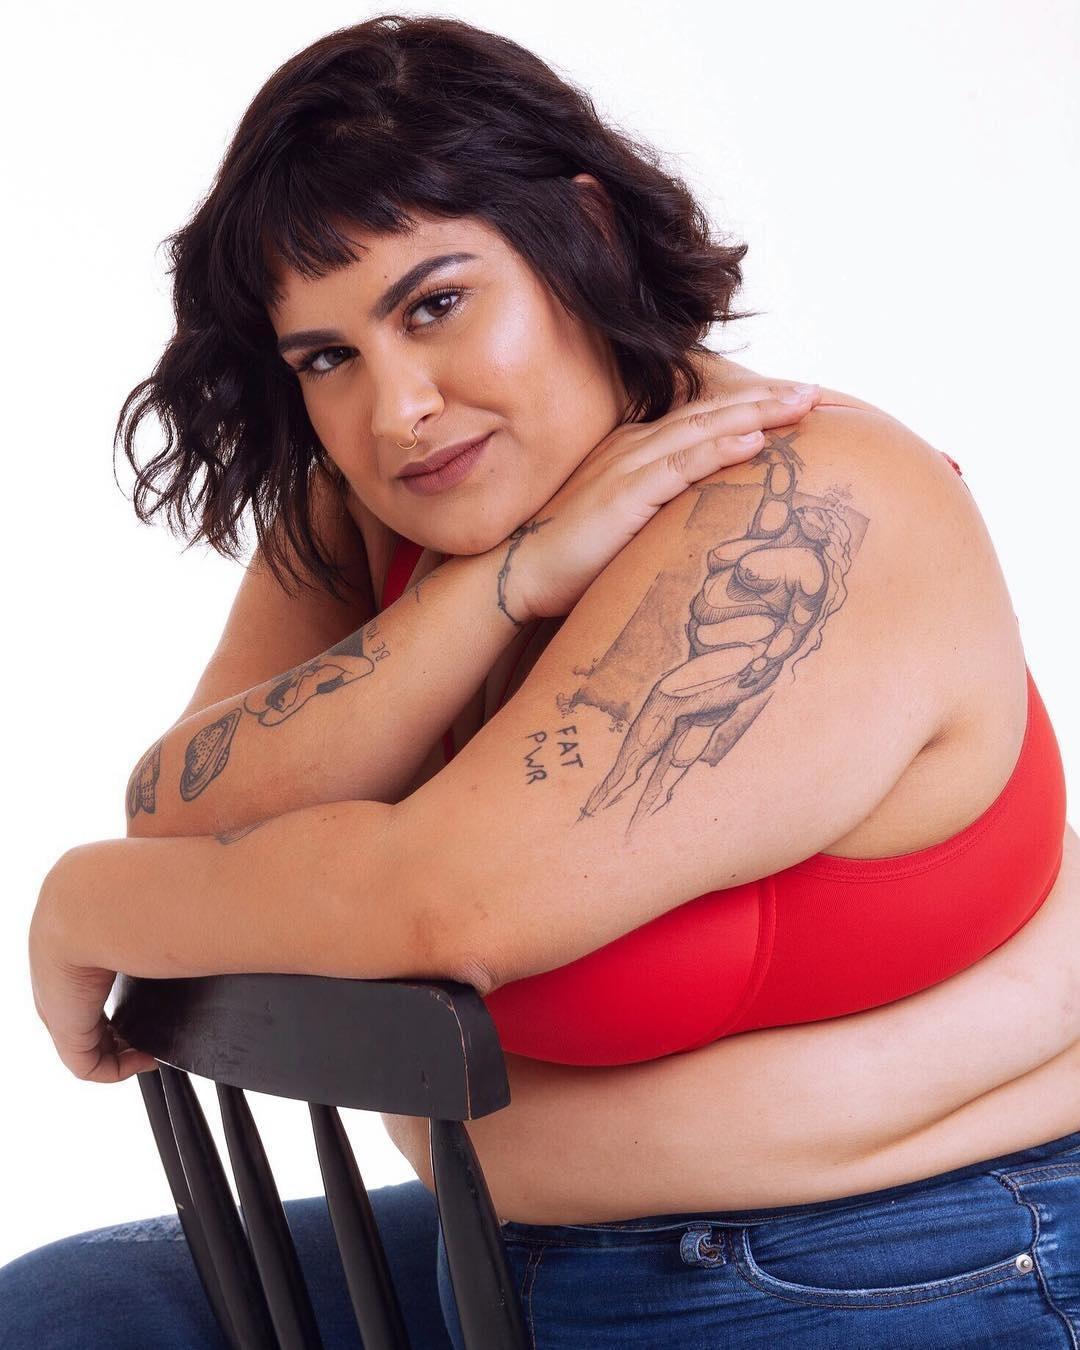 chica gorda anterior elle